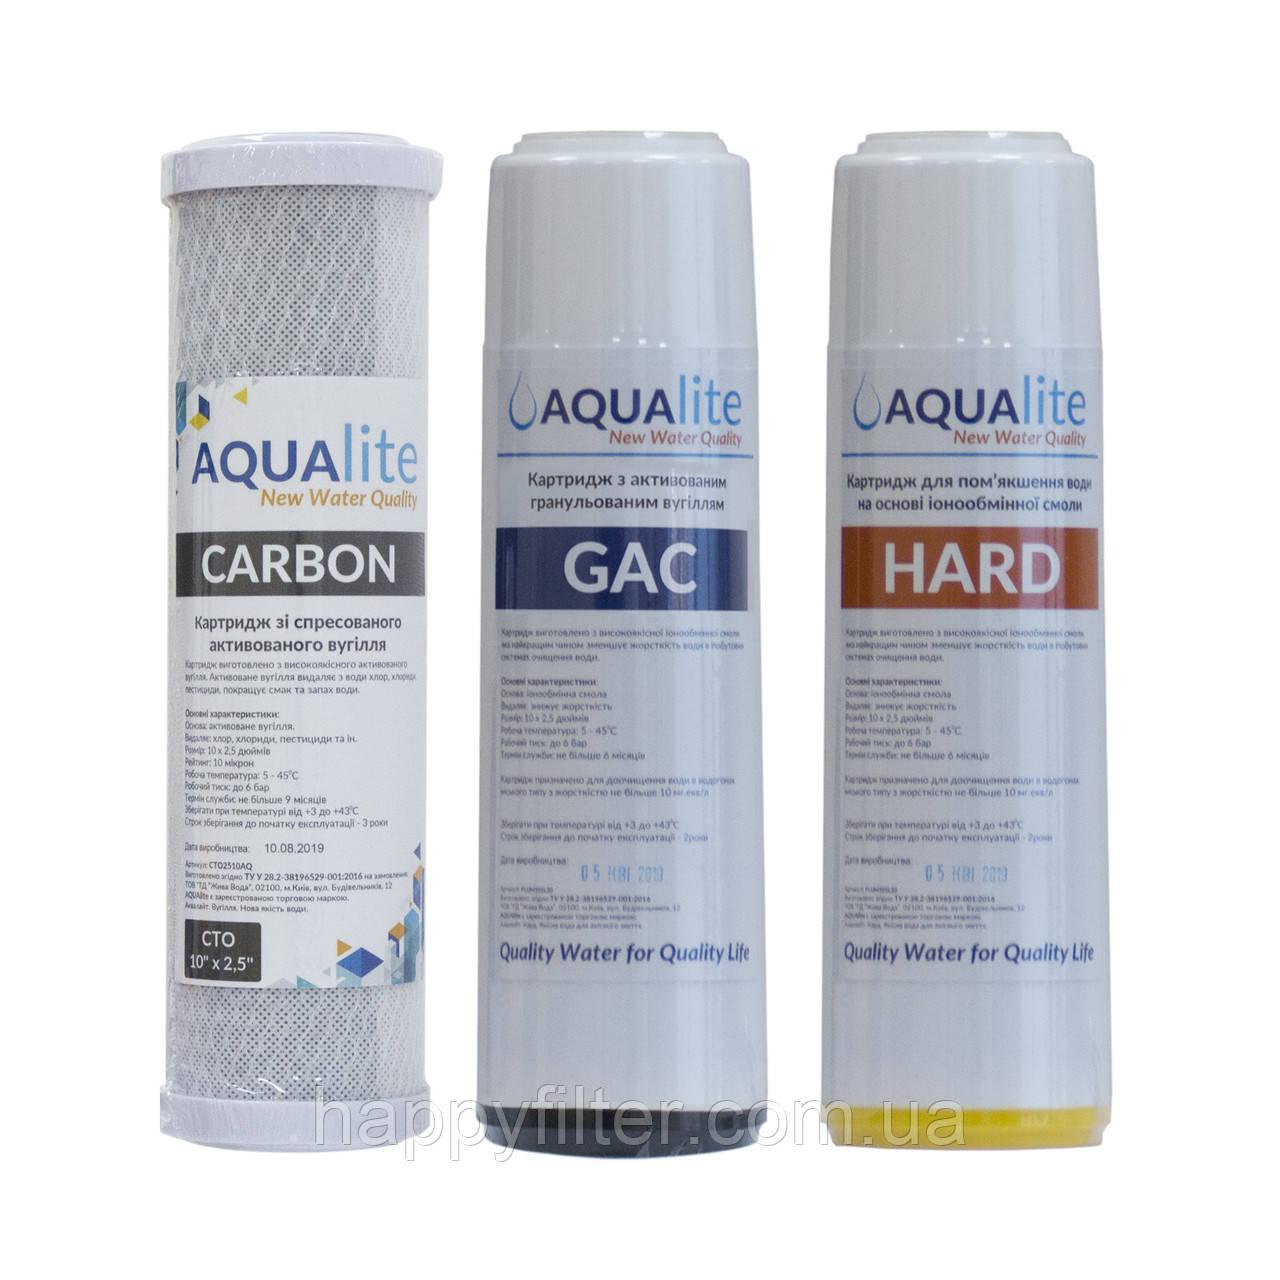 Набор картриджей для проточных фильтров Aqualite TRIO